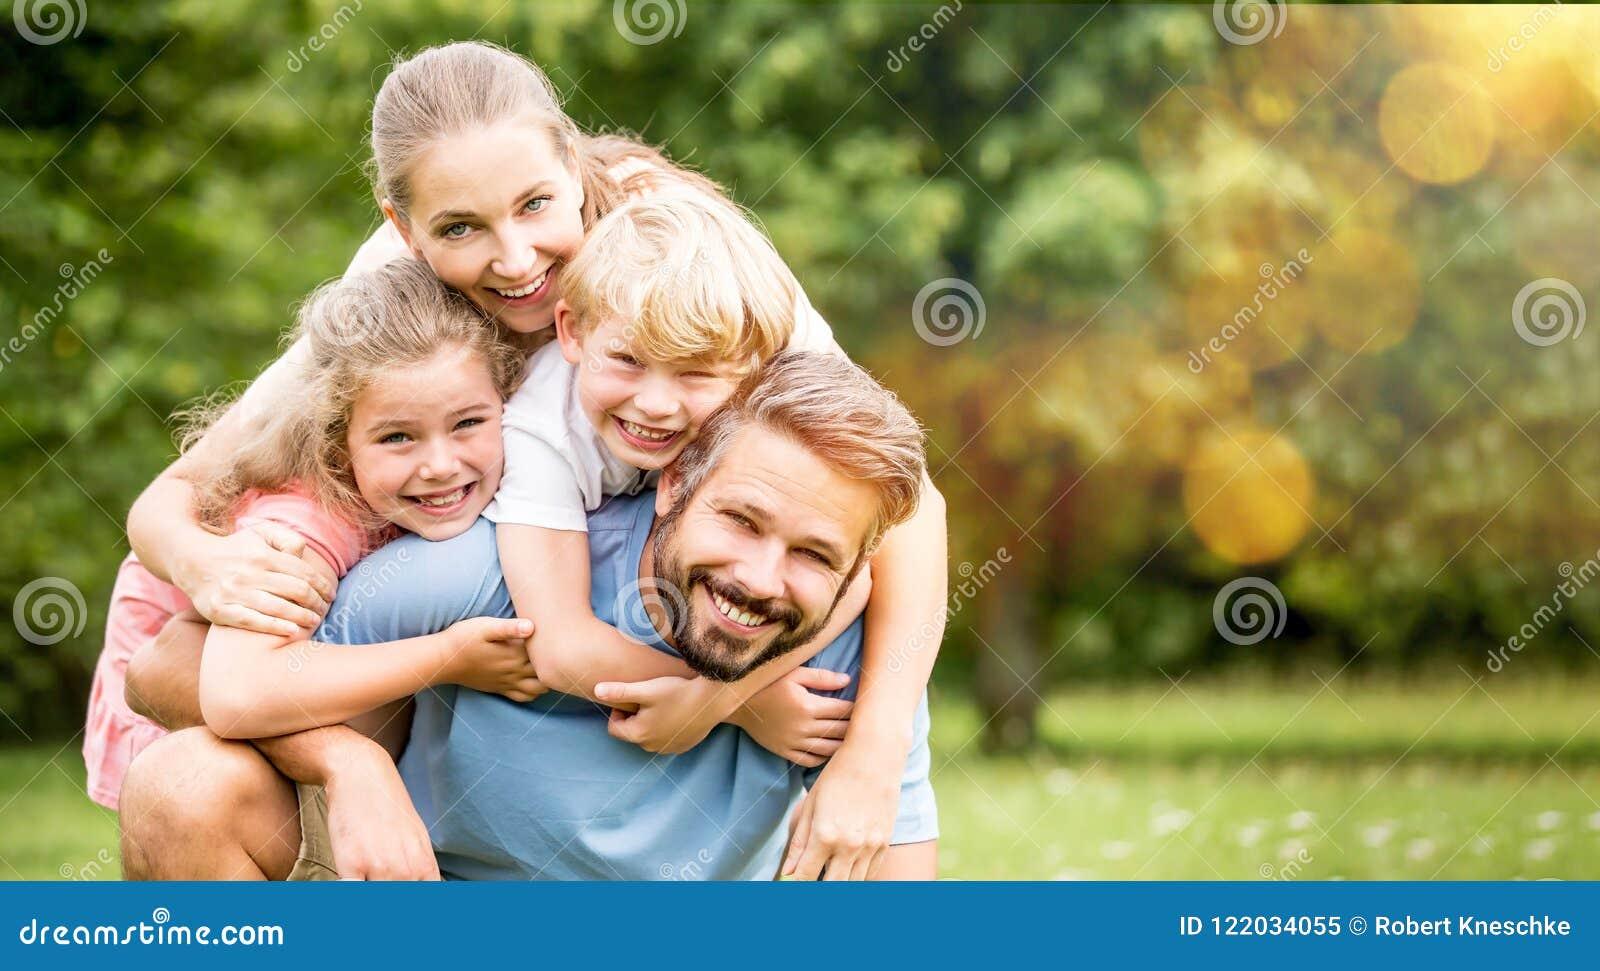 Rodzice i dzieci jako szczęśliwa rodzina